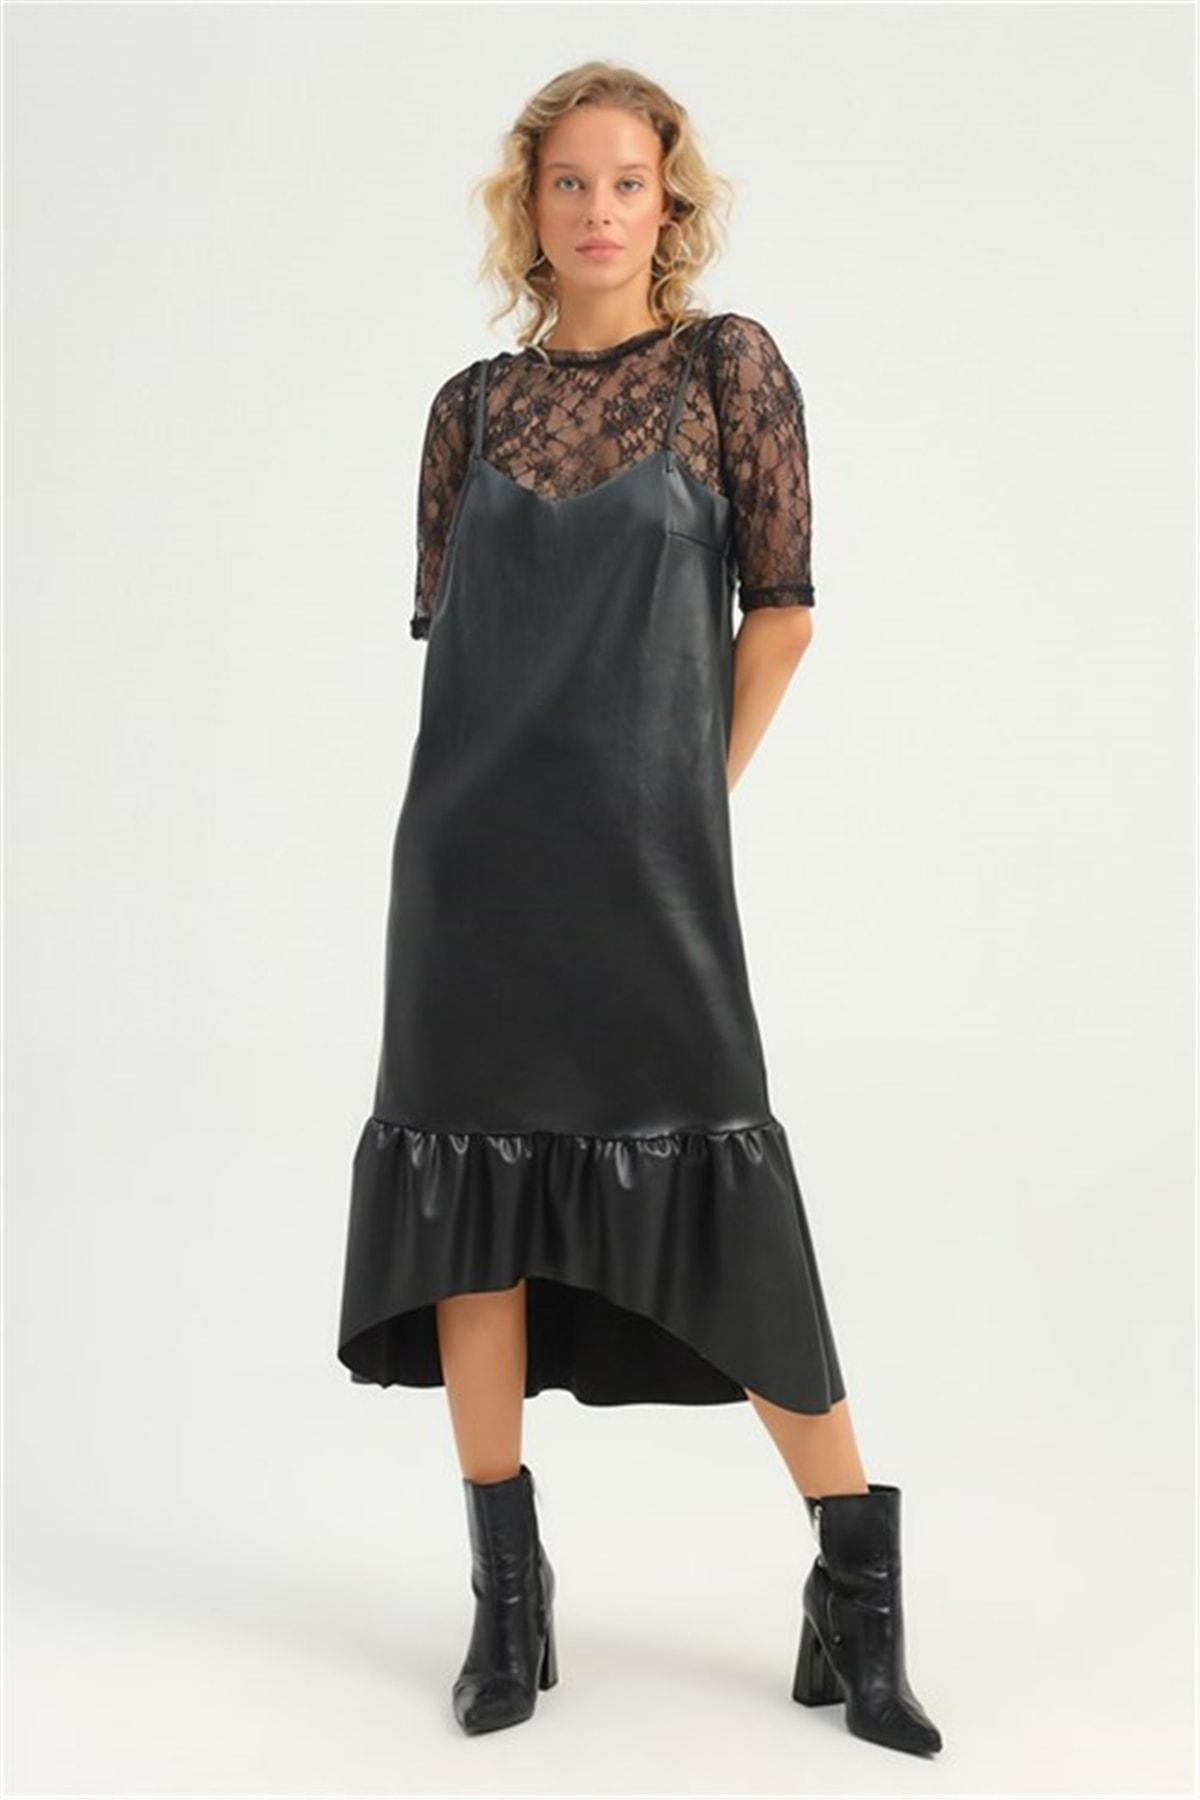 MARİSAM MODA Kadın Dantel Bluzlu Askılı Elbise 2